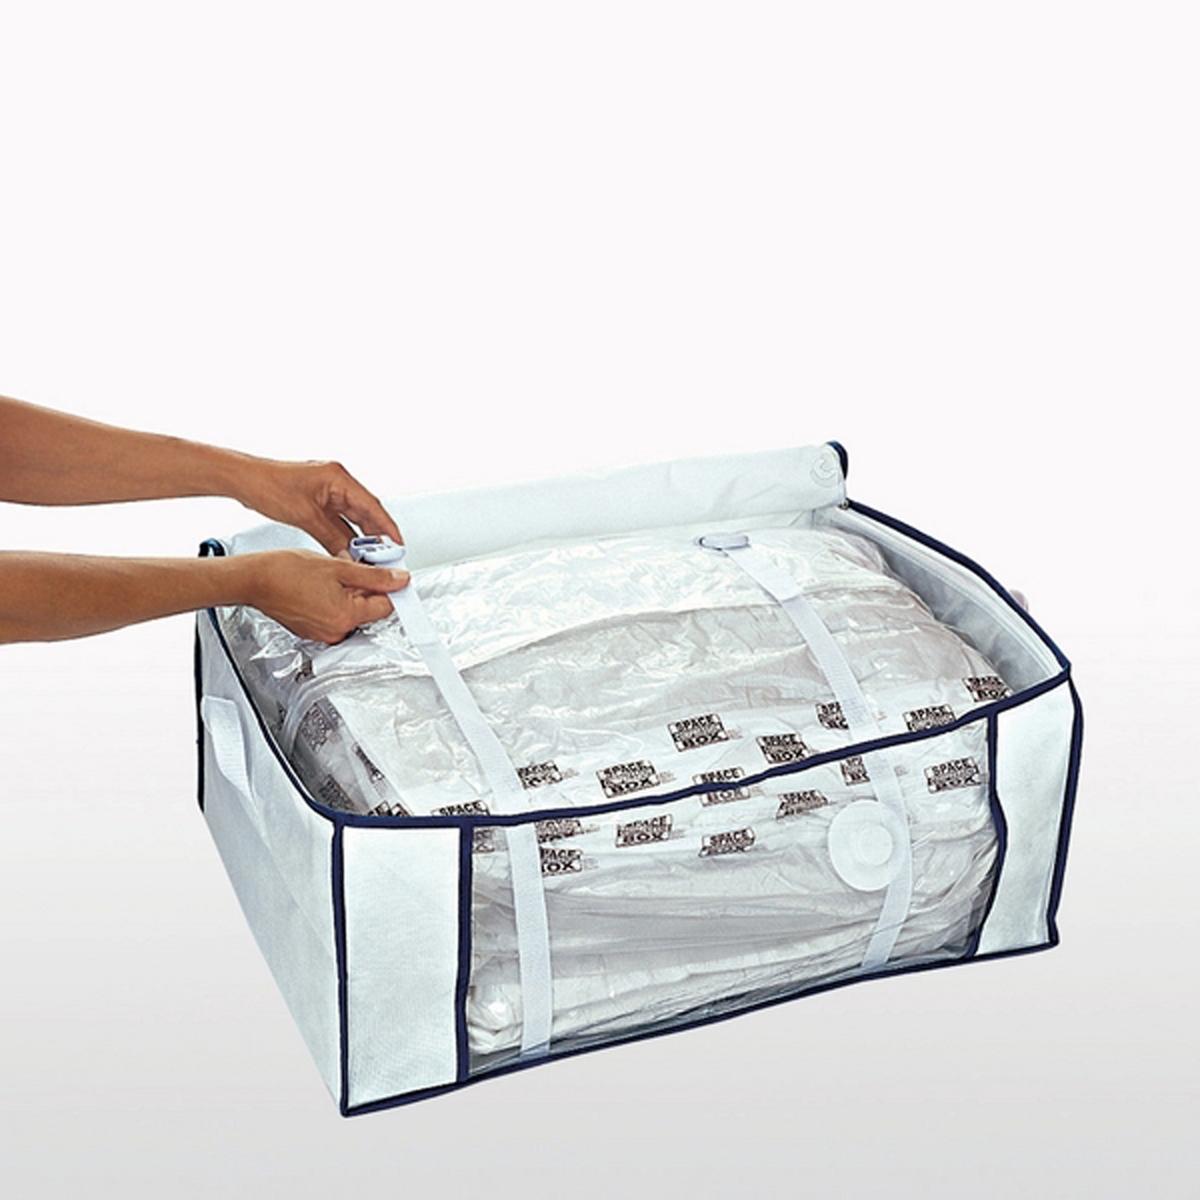 Чехол вакуумный, Ш.62,5 x В.14 x Г.50 смОписание вакуумного чехла :Пакет с защитным чехлом внутри просто необходим для организации хранения Ваших вещей, одеял, покрывал и подушек.Всасывание воздуха пылесосом.2 стягивающих ремня для удержания вещей в сжатом состоянии.Характеристики вакуумного чехла :Нетканый материалВнутренний пакет из прозрачного пластикаЗастежка на молнию.Размеры чехла :Ш.62,5 x В.14 x Г.50 см, размеры внутреннего пакета : Ш.89 x В.70 x Г.48 см.<br><br>Цвет: белый<br>Размер: единый размер